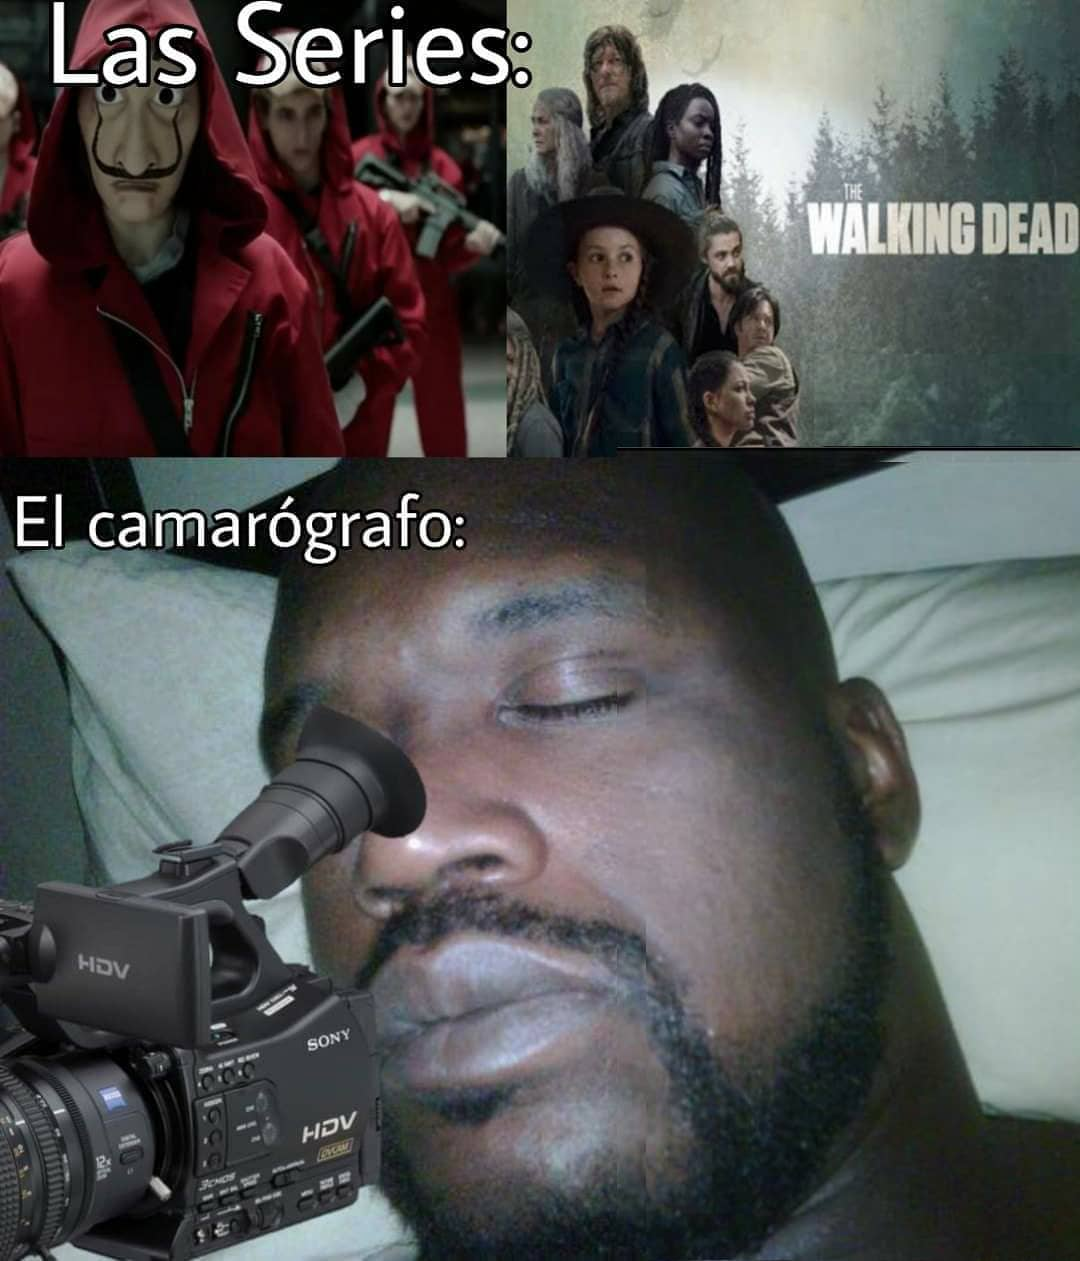 Las series: El camarógrafo: